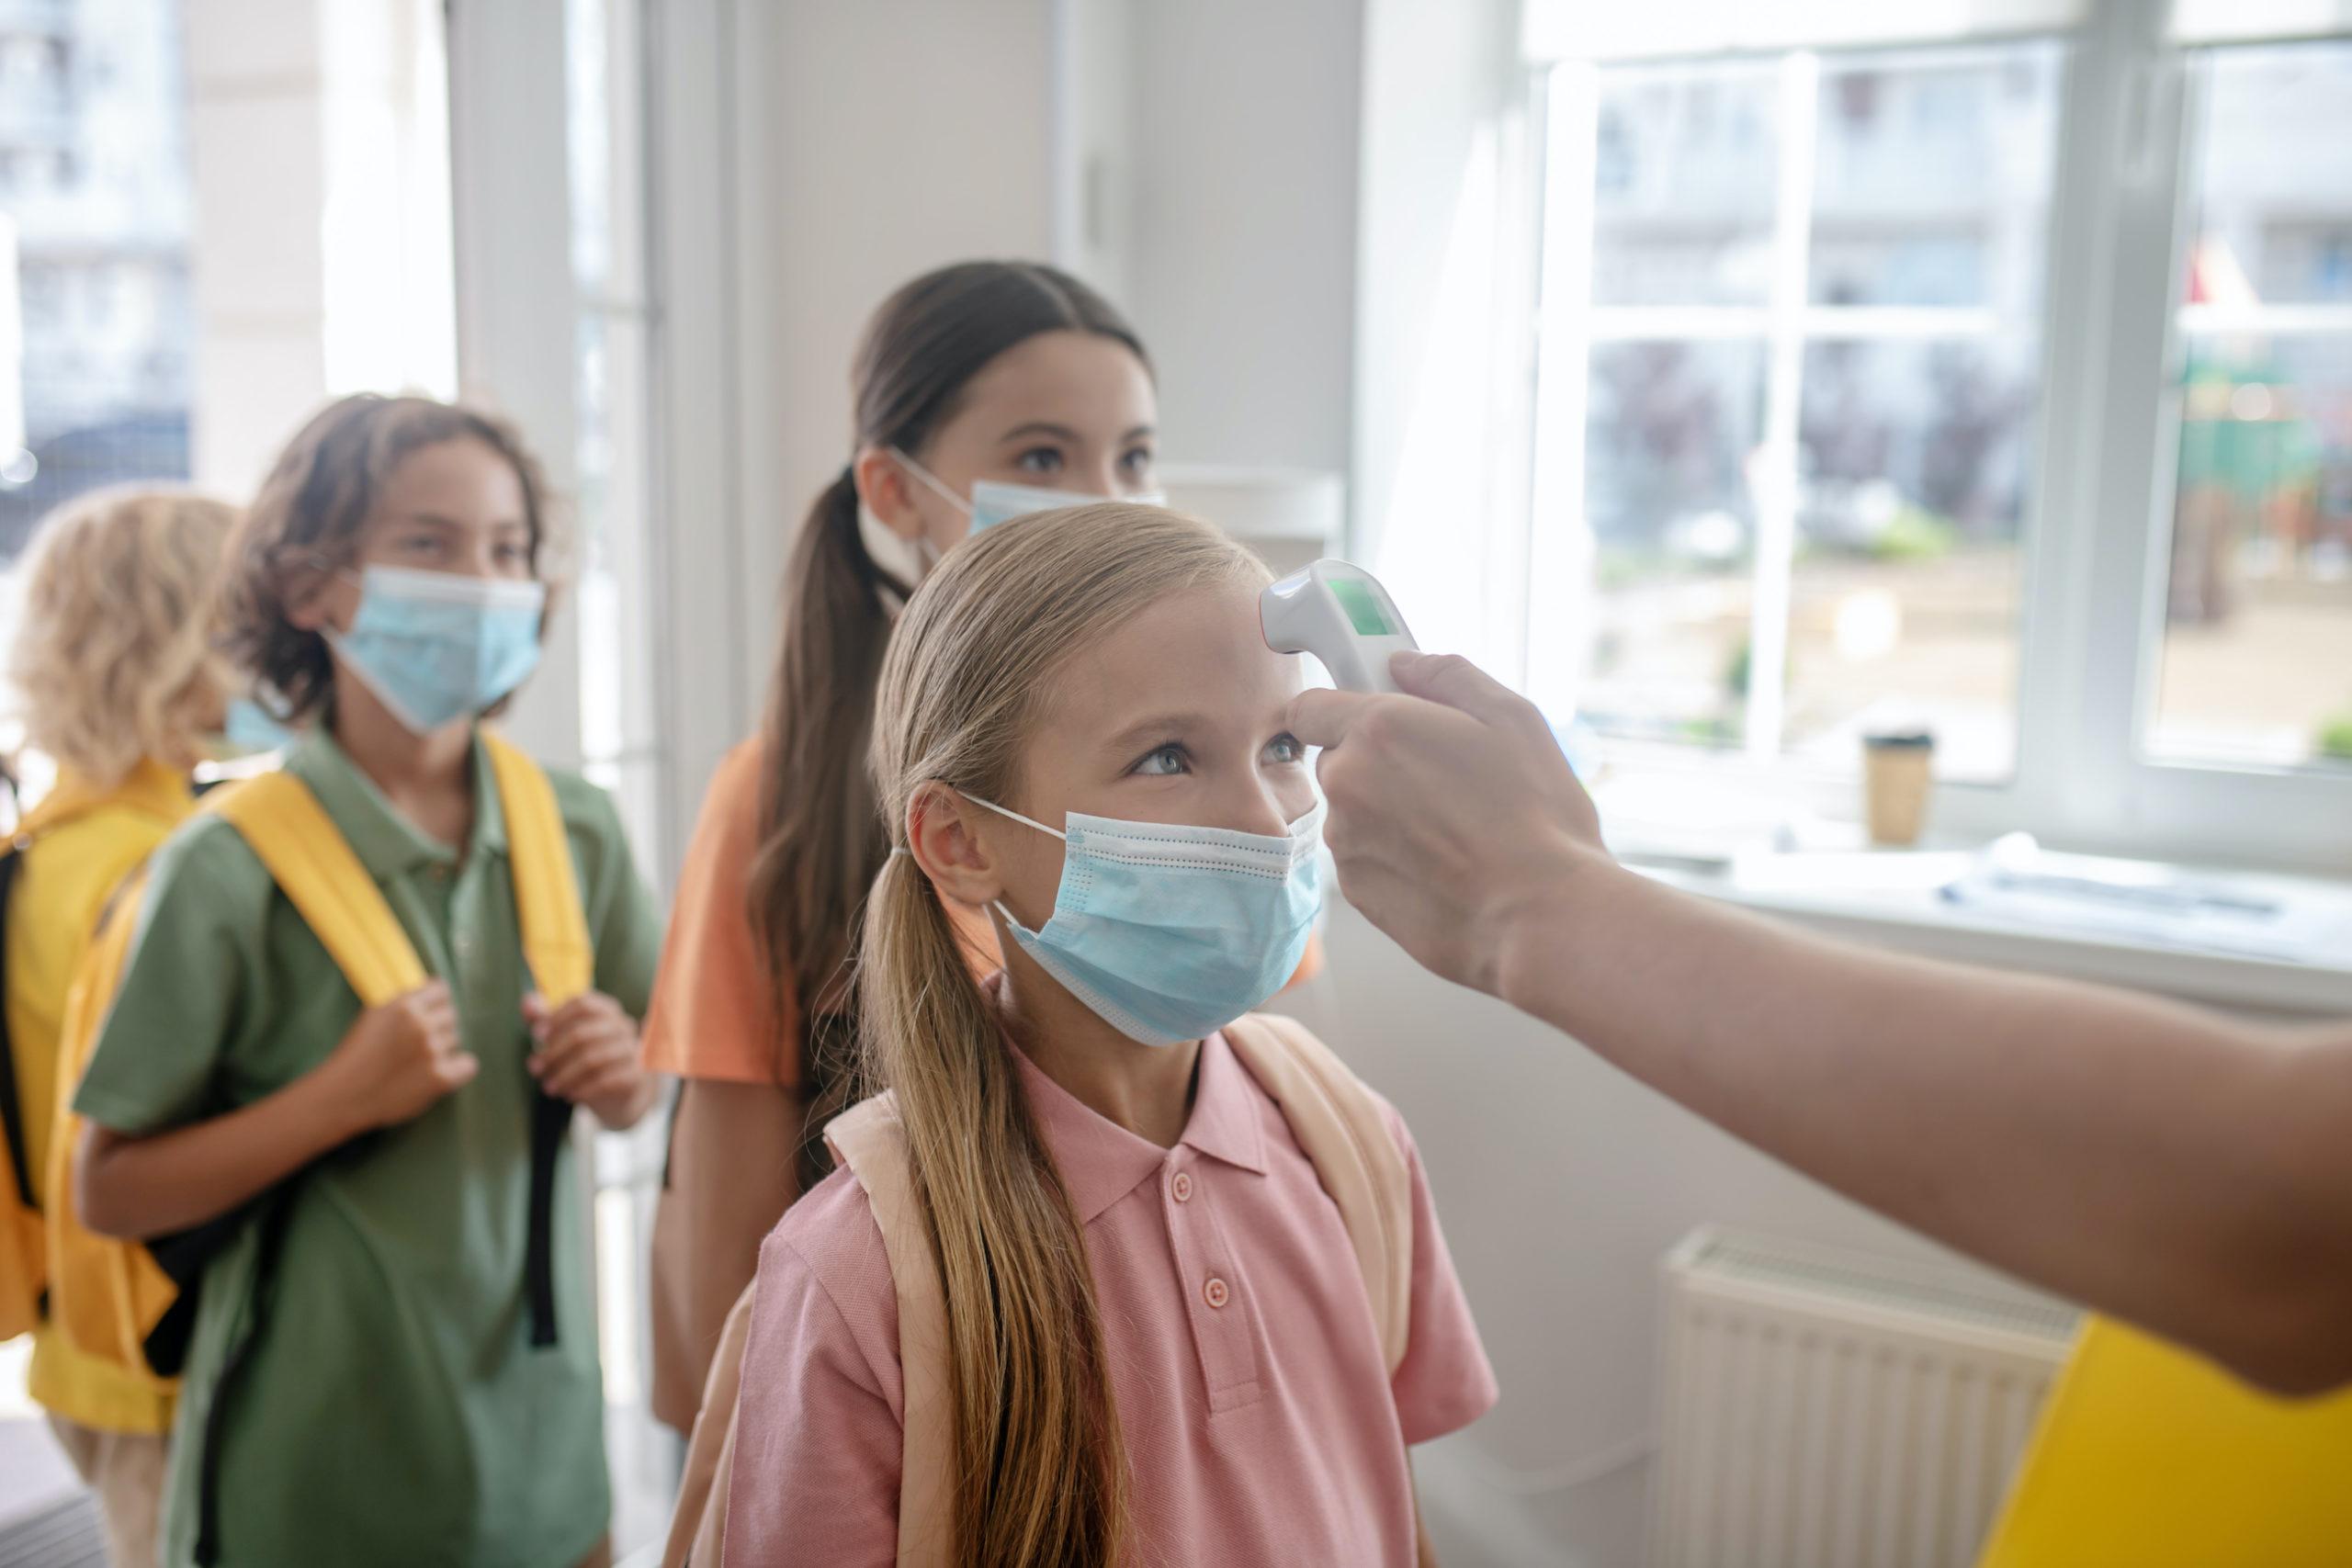 Antigenní testy mají asi dvaadevadesátiprocentní přesnost, navíc se vždycky může stát, že je někdo ráno negativní a nemoc mu propukne během dne. Jde ale o snížení pravděpodobnosti a všem nám to stojí za to, hlavně že děti můžou do školy, říká Ivana Indiková, která žije s rodinou ve Vídni.